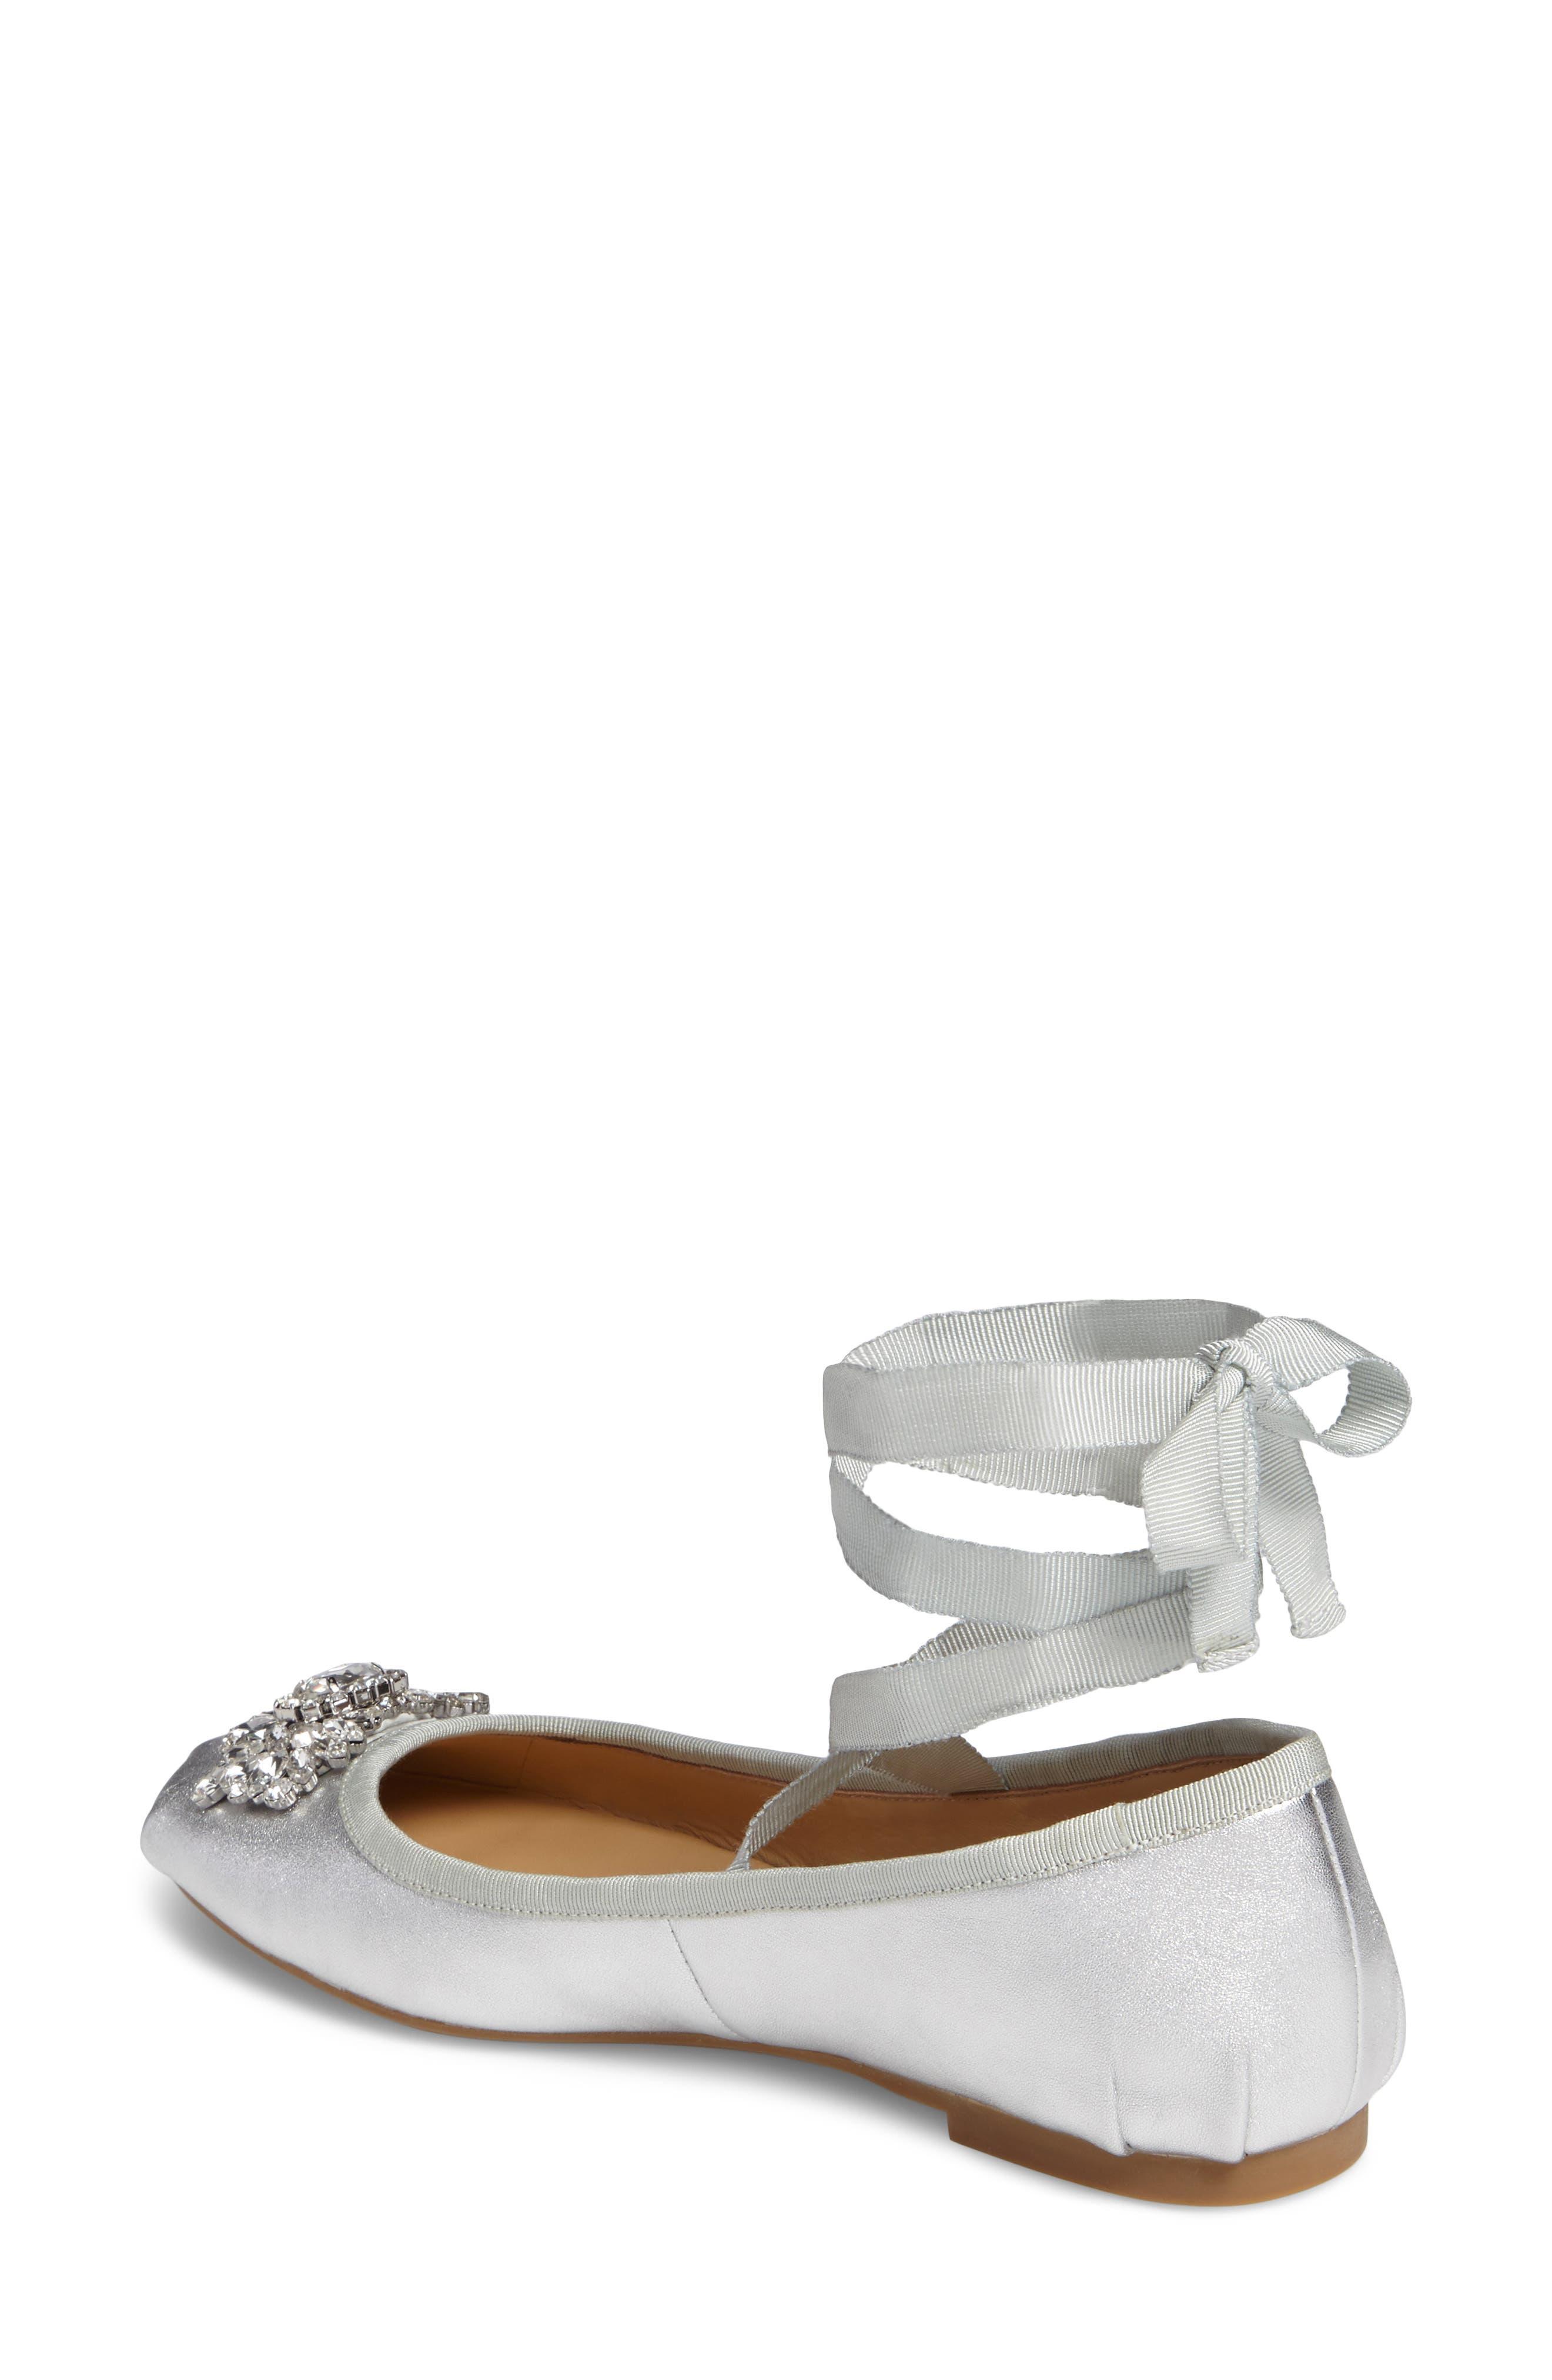 Alternate Image 2  - Badgley Mischka Karter II Embellished Ankle Wrap Ballet Flat (Women)